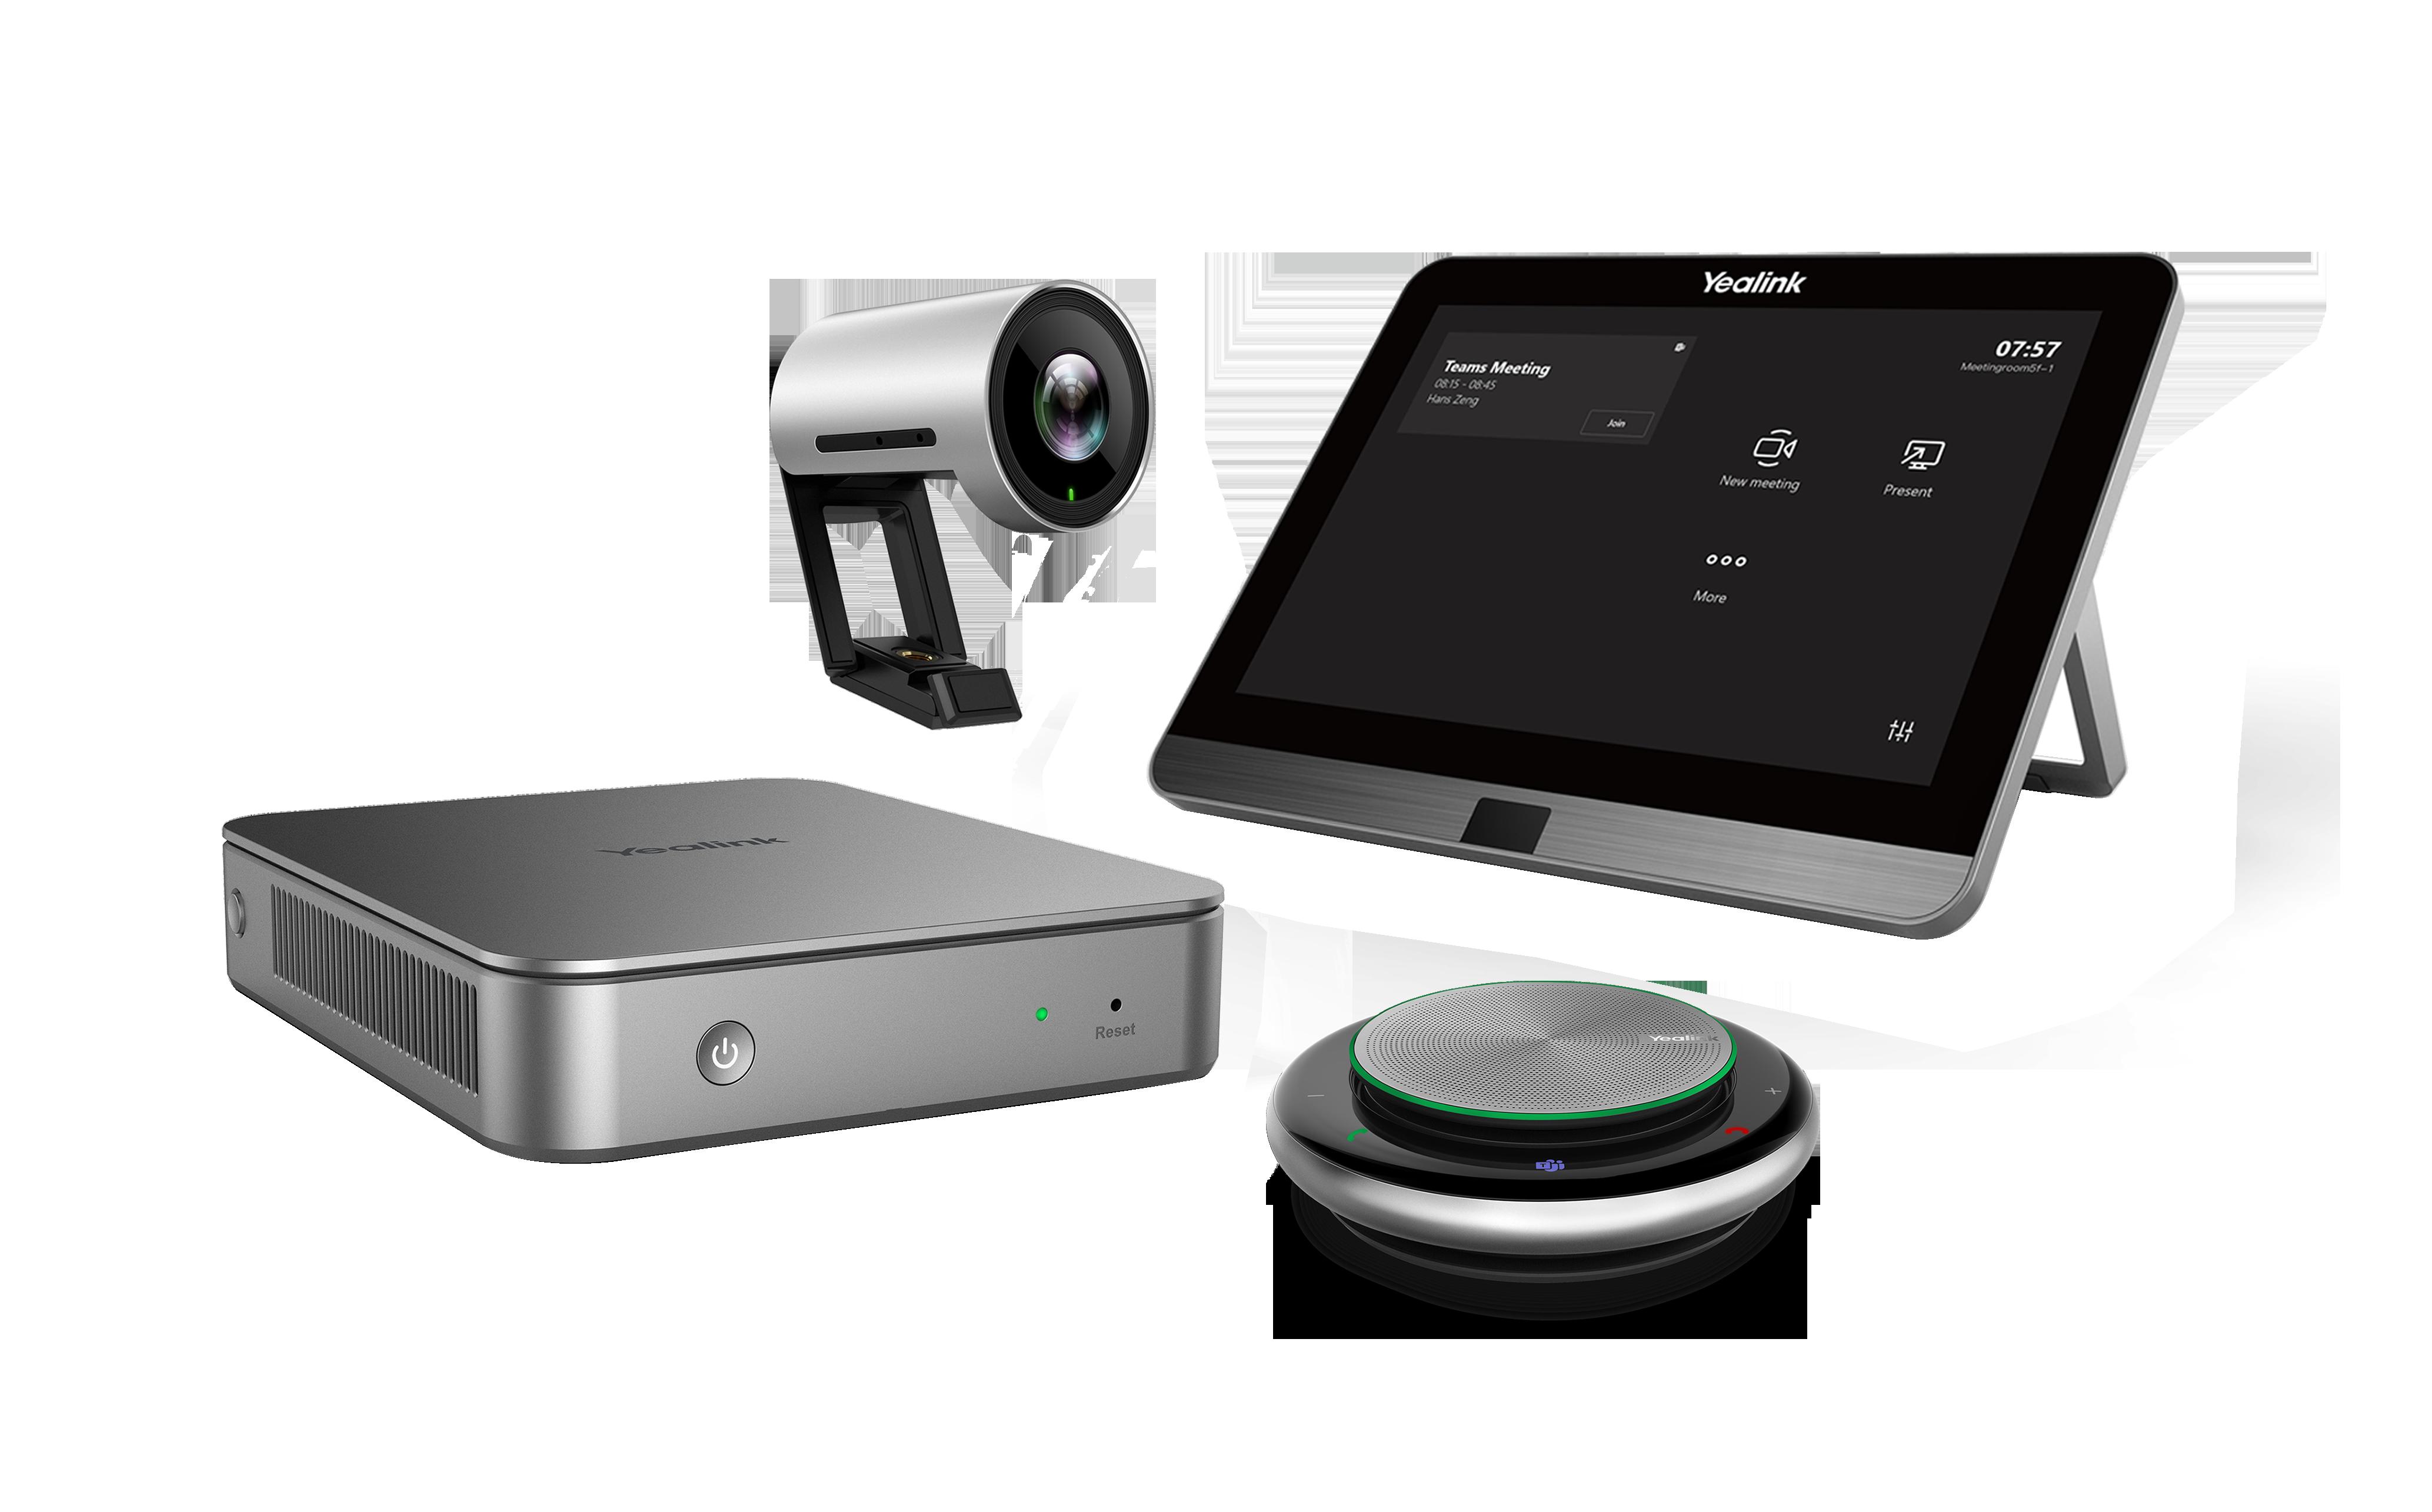 MVC300-N7i5 II - MCore, MTouch II 8´´, UVC30 3x ultra HD 4K/30FPS, CP900 HD Speakerphone